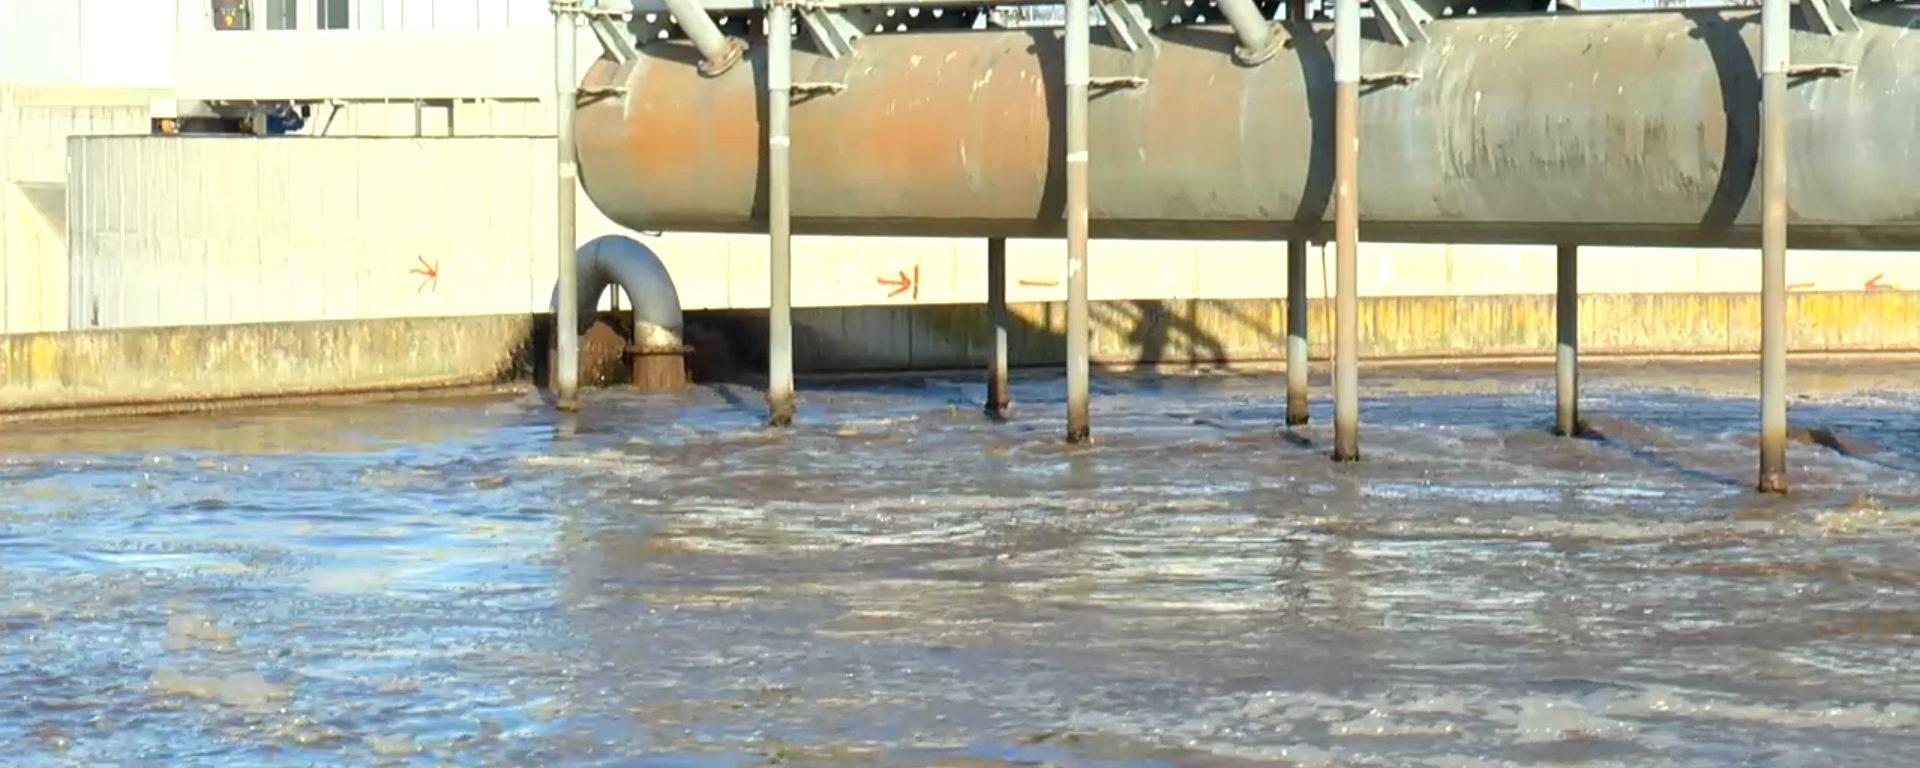 PNRR fanghi da depurazione